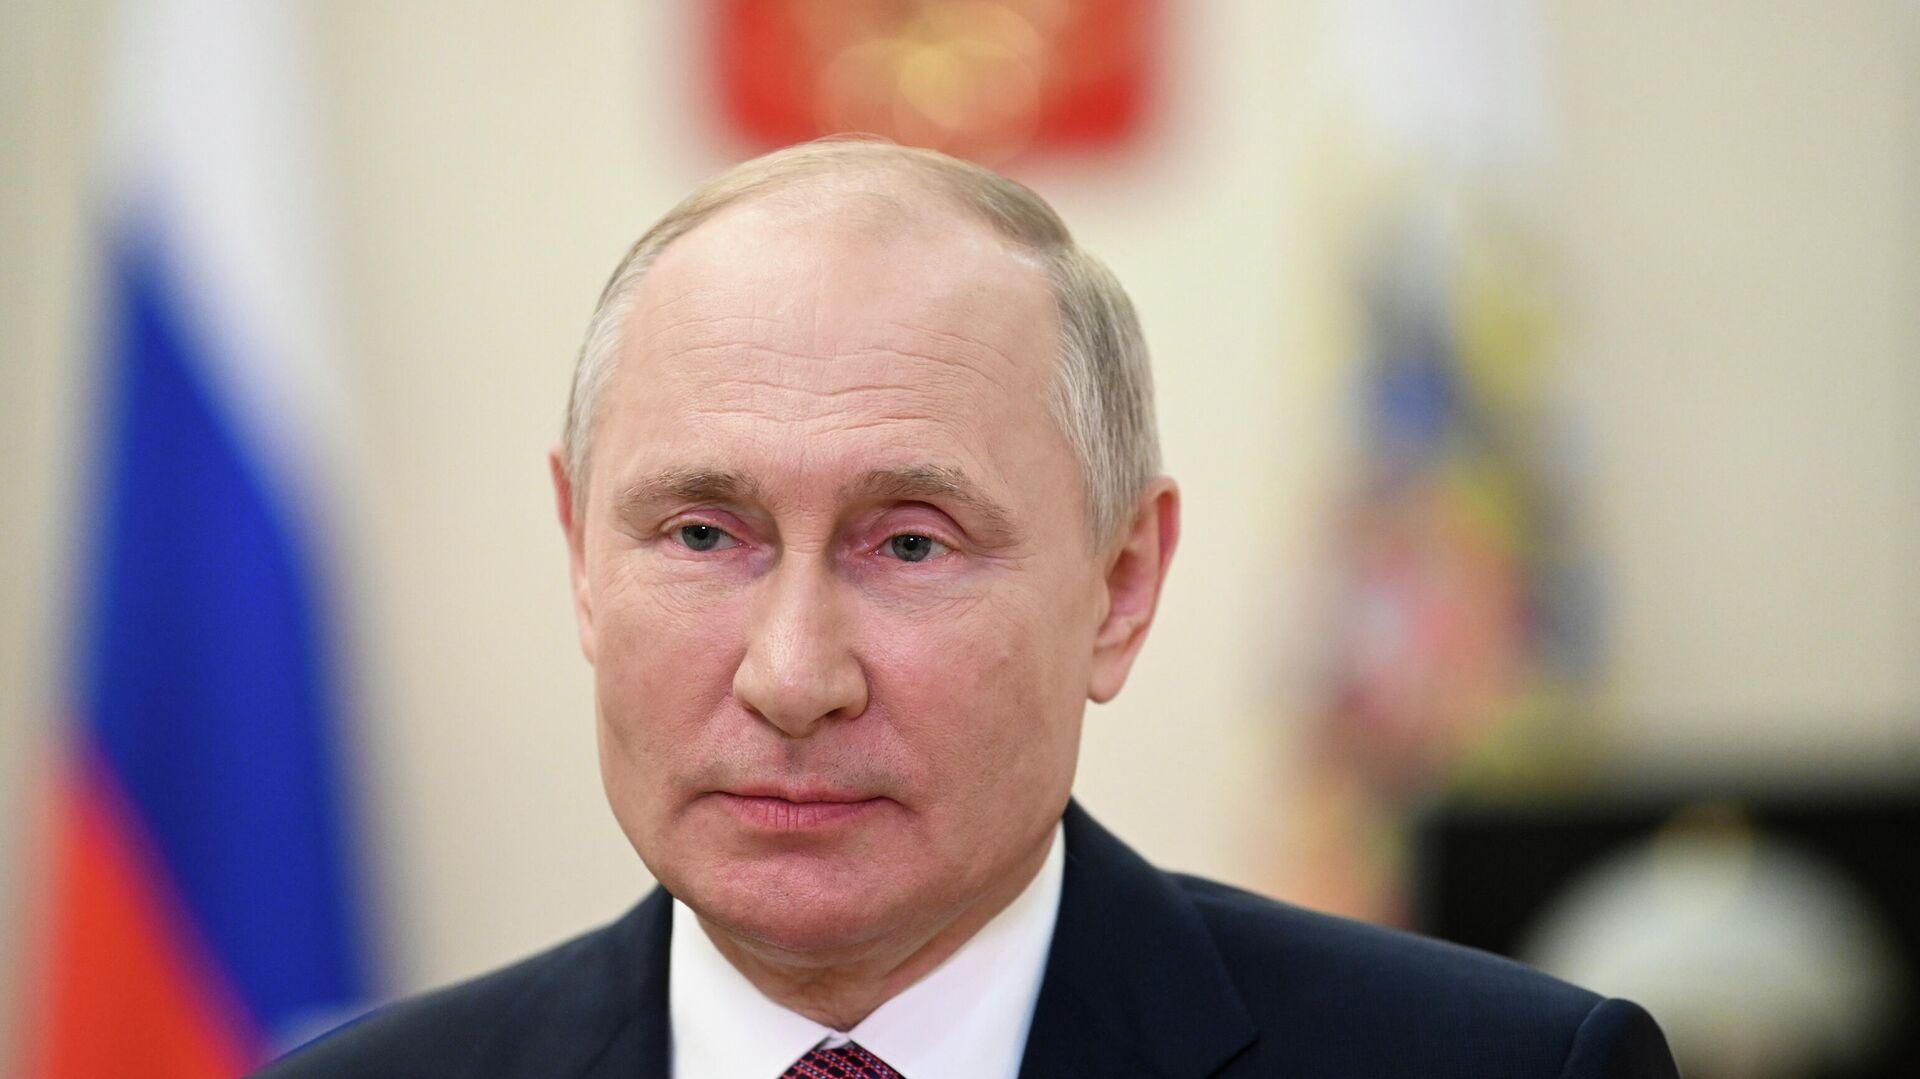 Βλαντιμίρ Πούτιν - Sputnik Ελλάδα, 1920, 17.09.2021